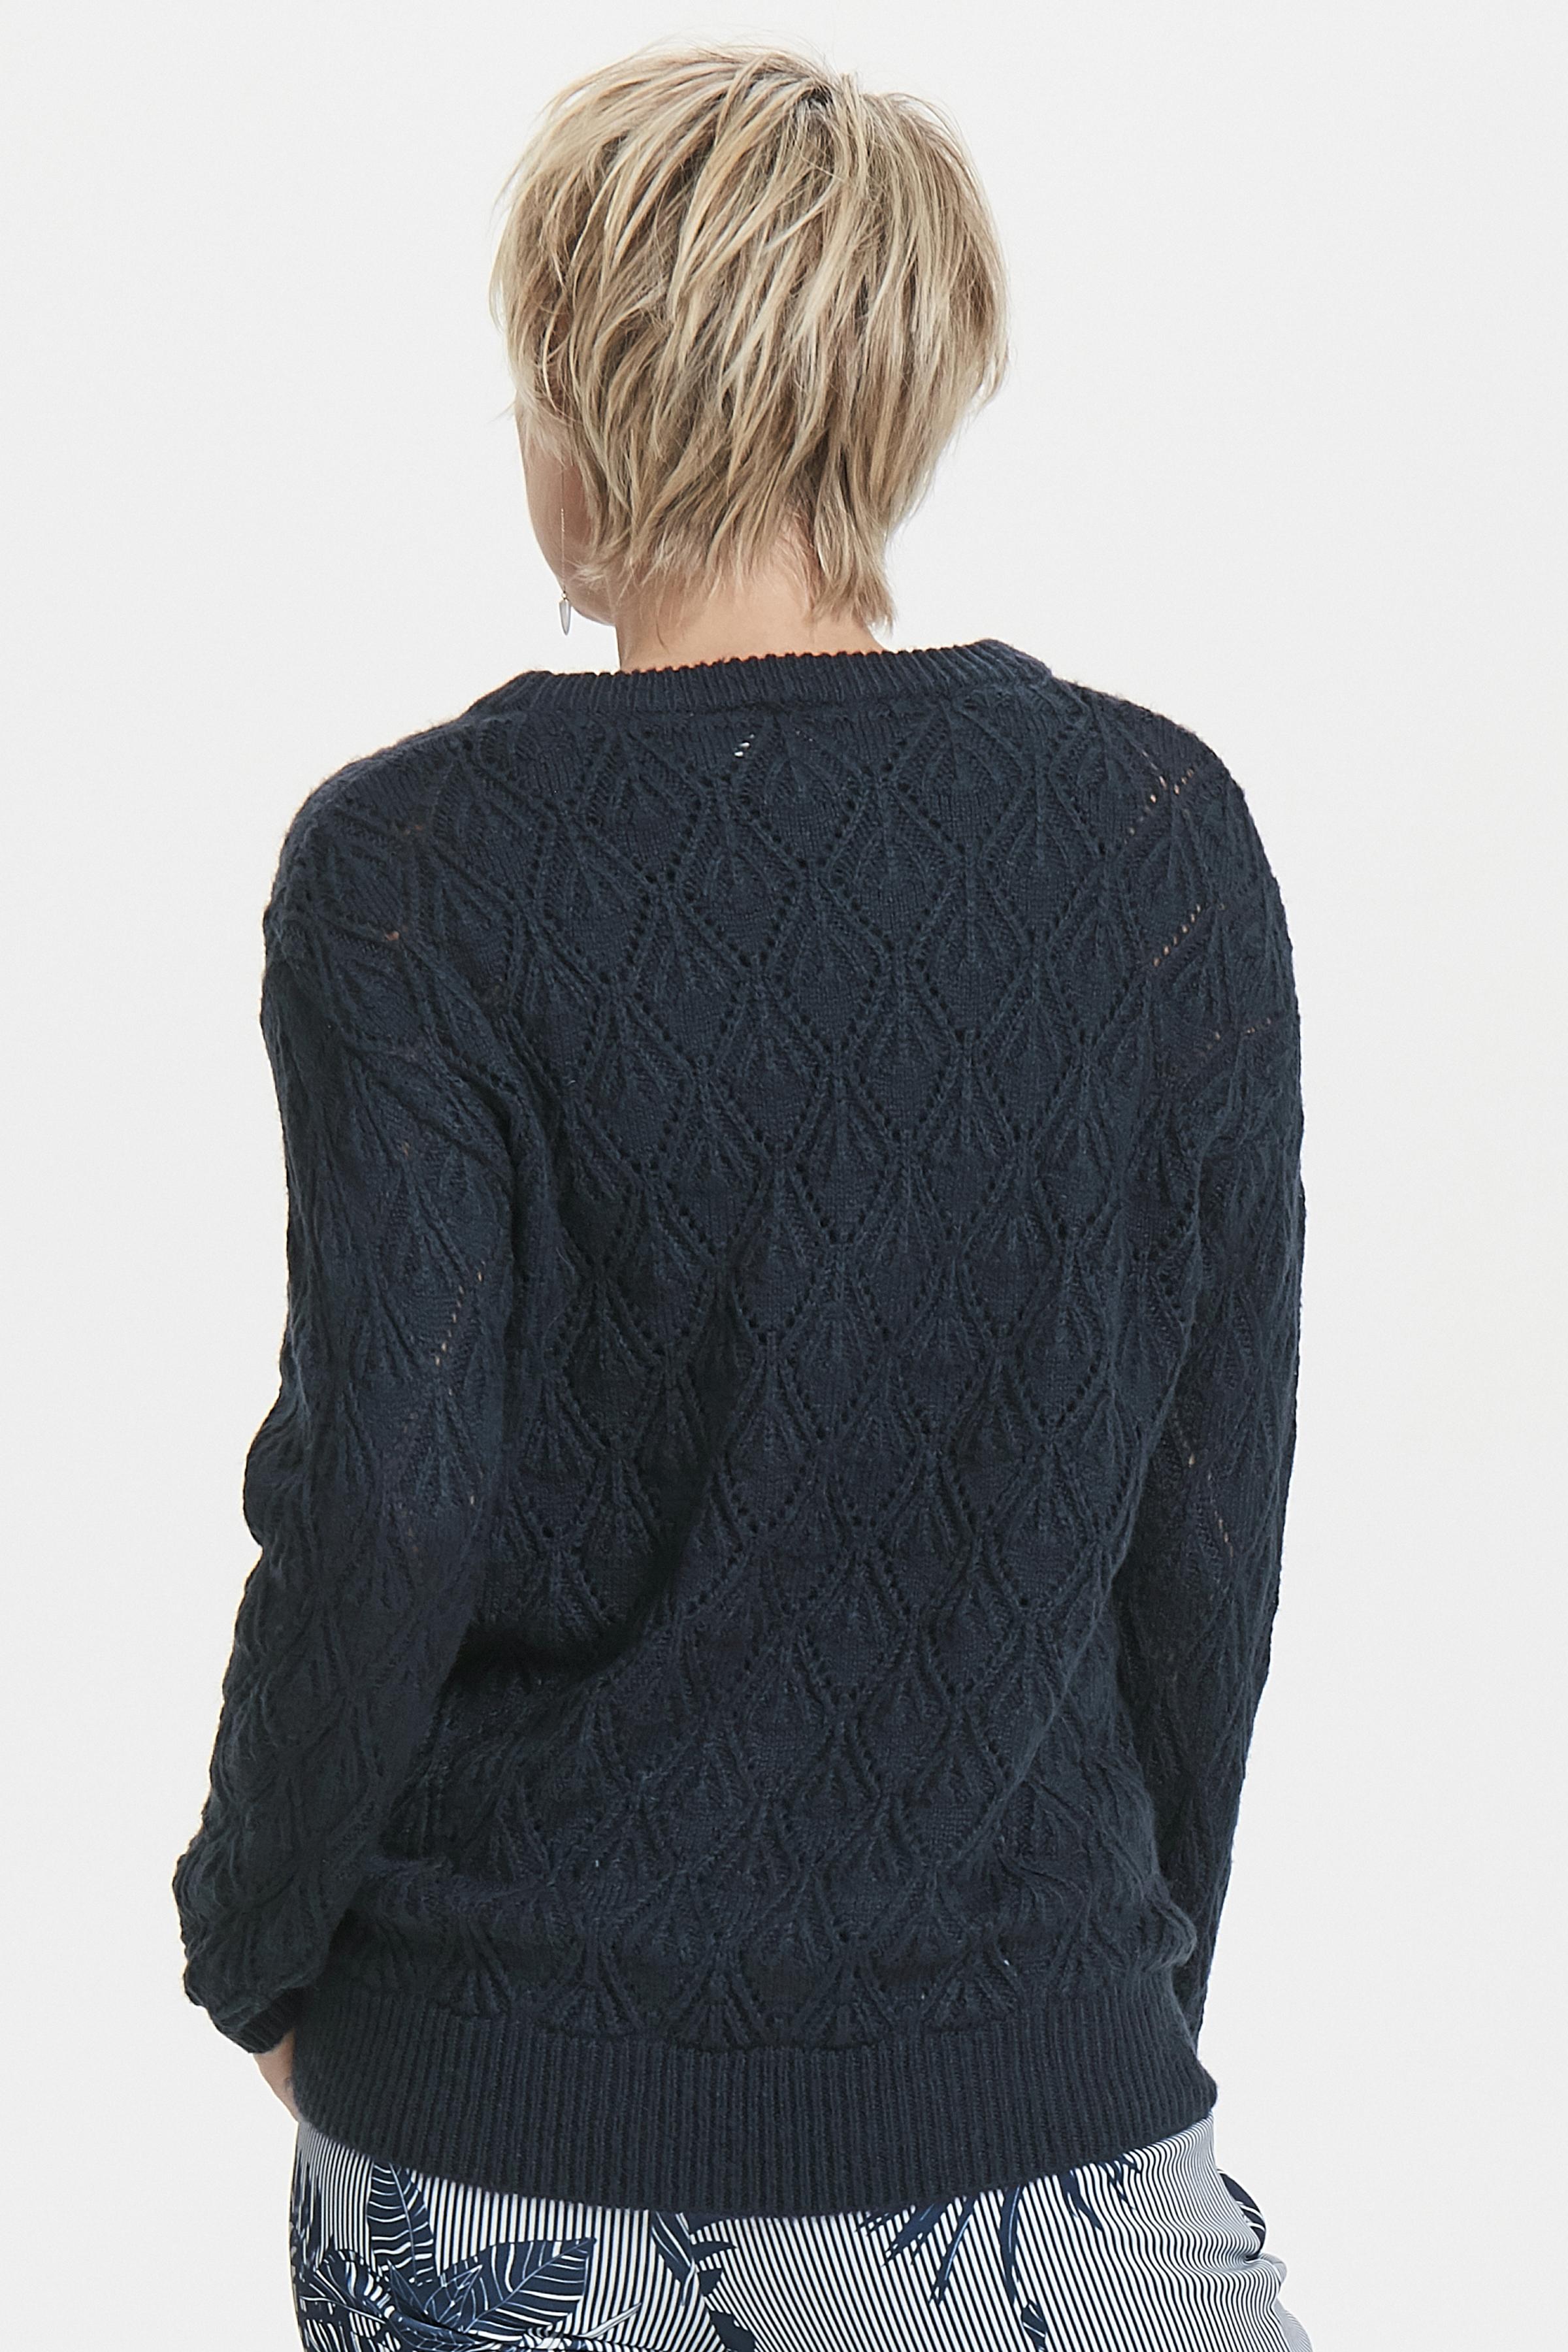 Marineblauw Gebreide trui van Kaffe – Door Marineblauw Gebreide trui van maat. XS-XXL hier